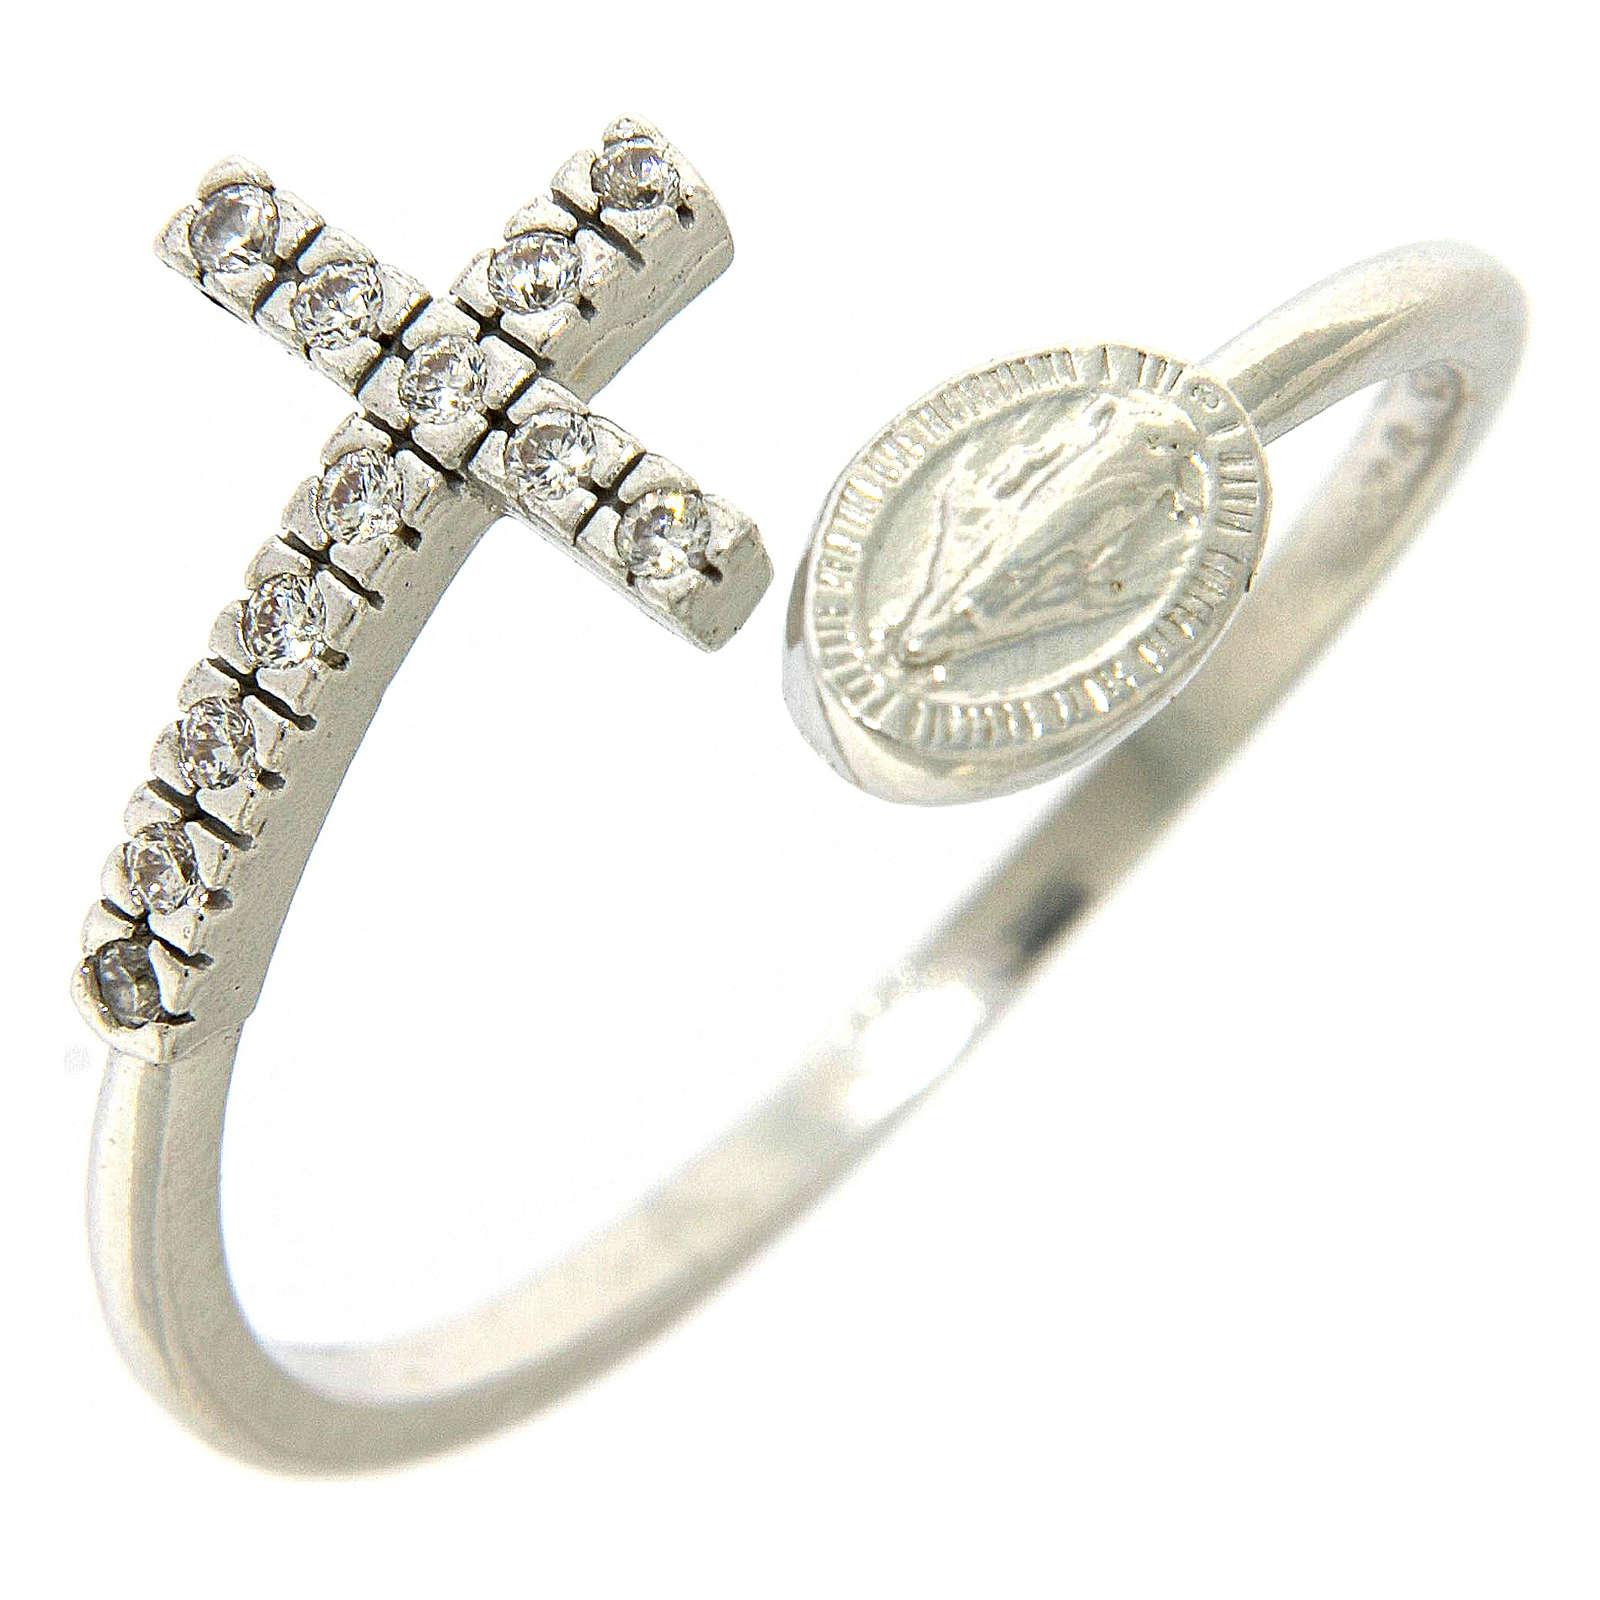 Anello medaglia miracolosa argento 925 e zirconi bianchi 3